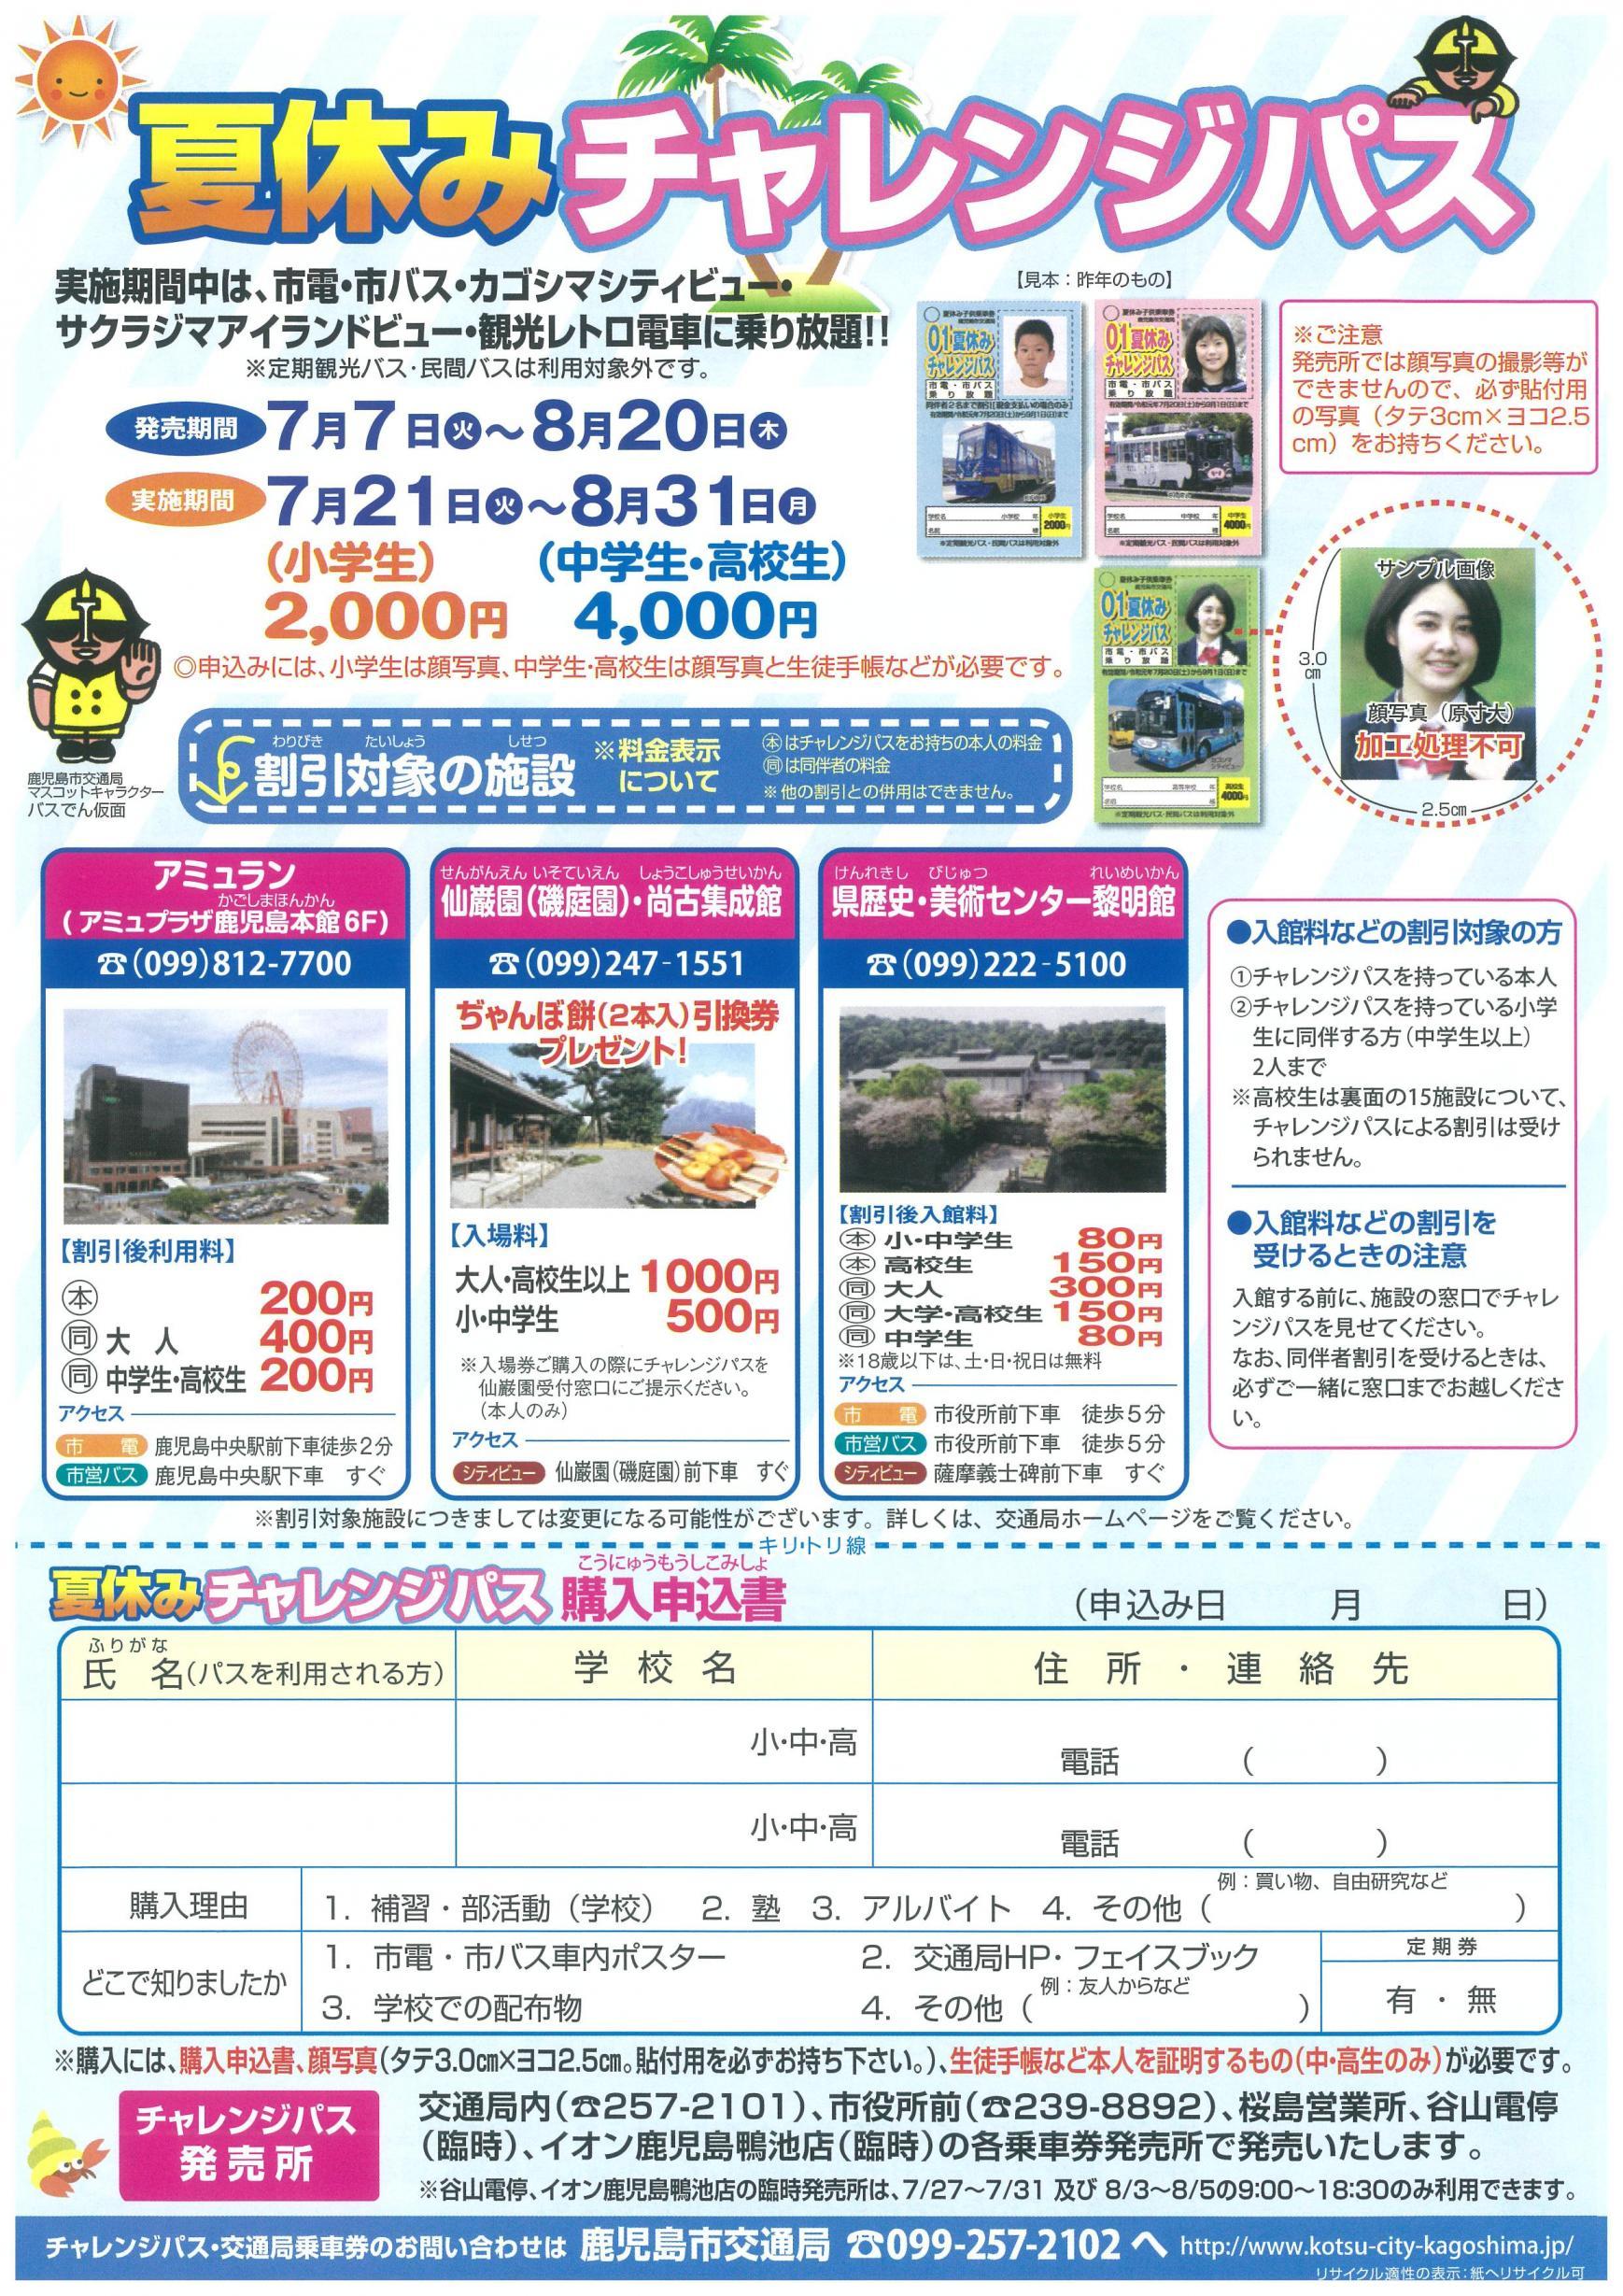 夏休みチャレンジパス好評発売中!!■実施期間 2020年7月21日(火)~8月31日(月) イメージ画像